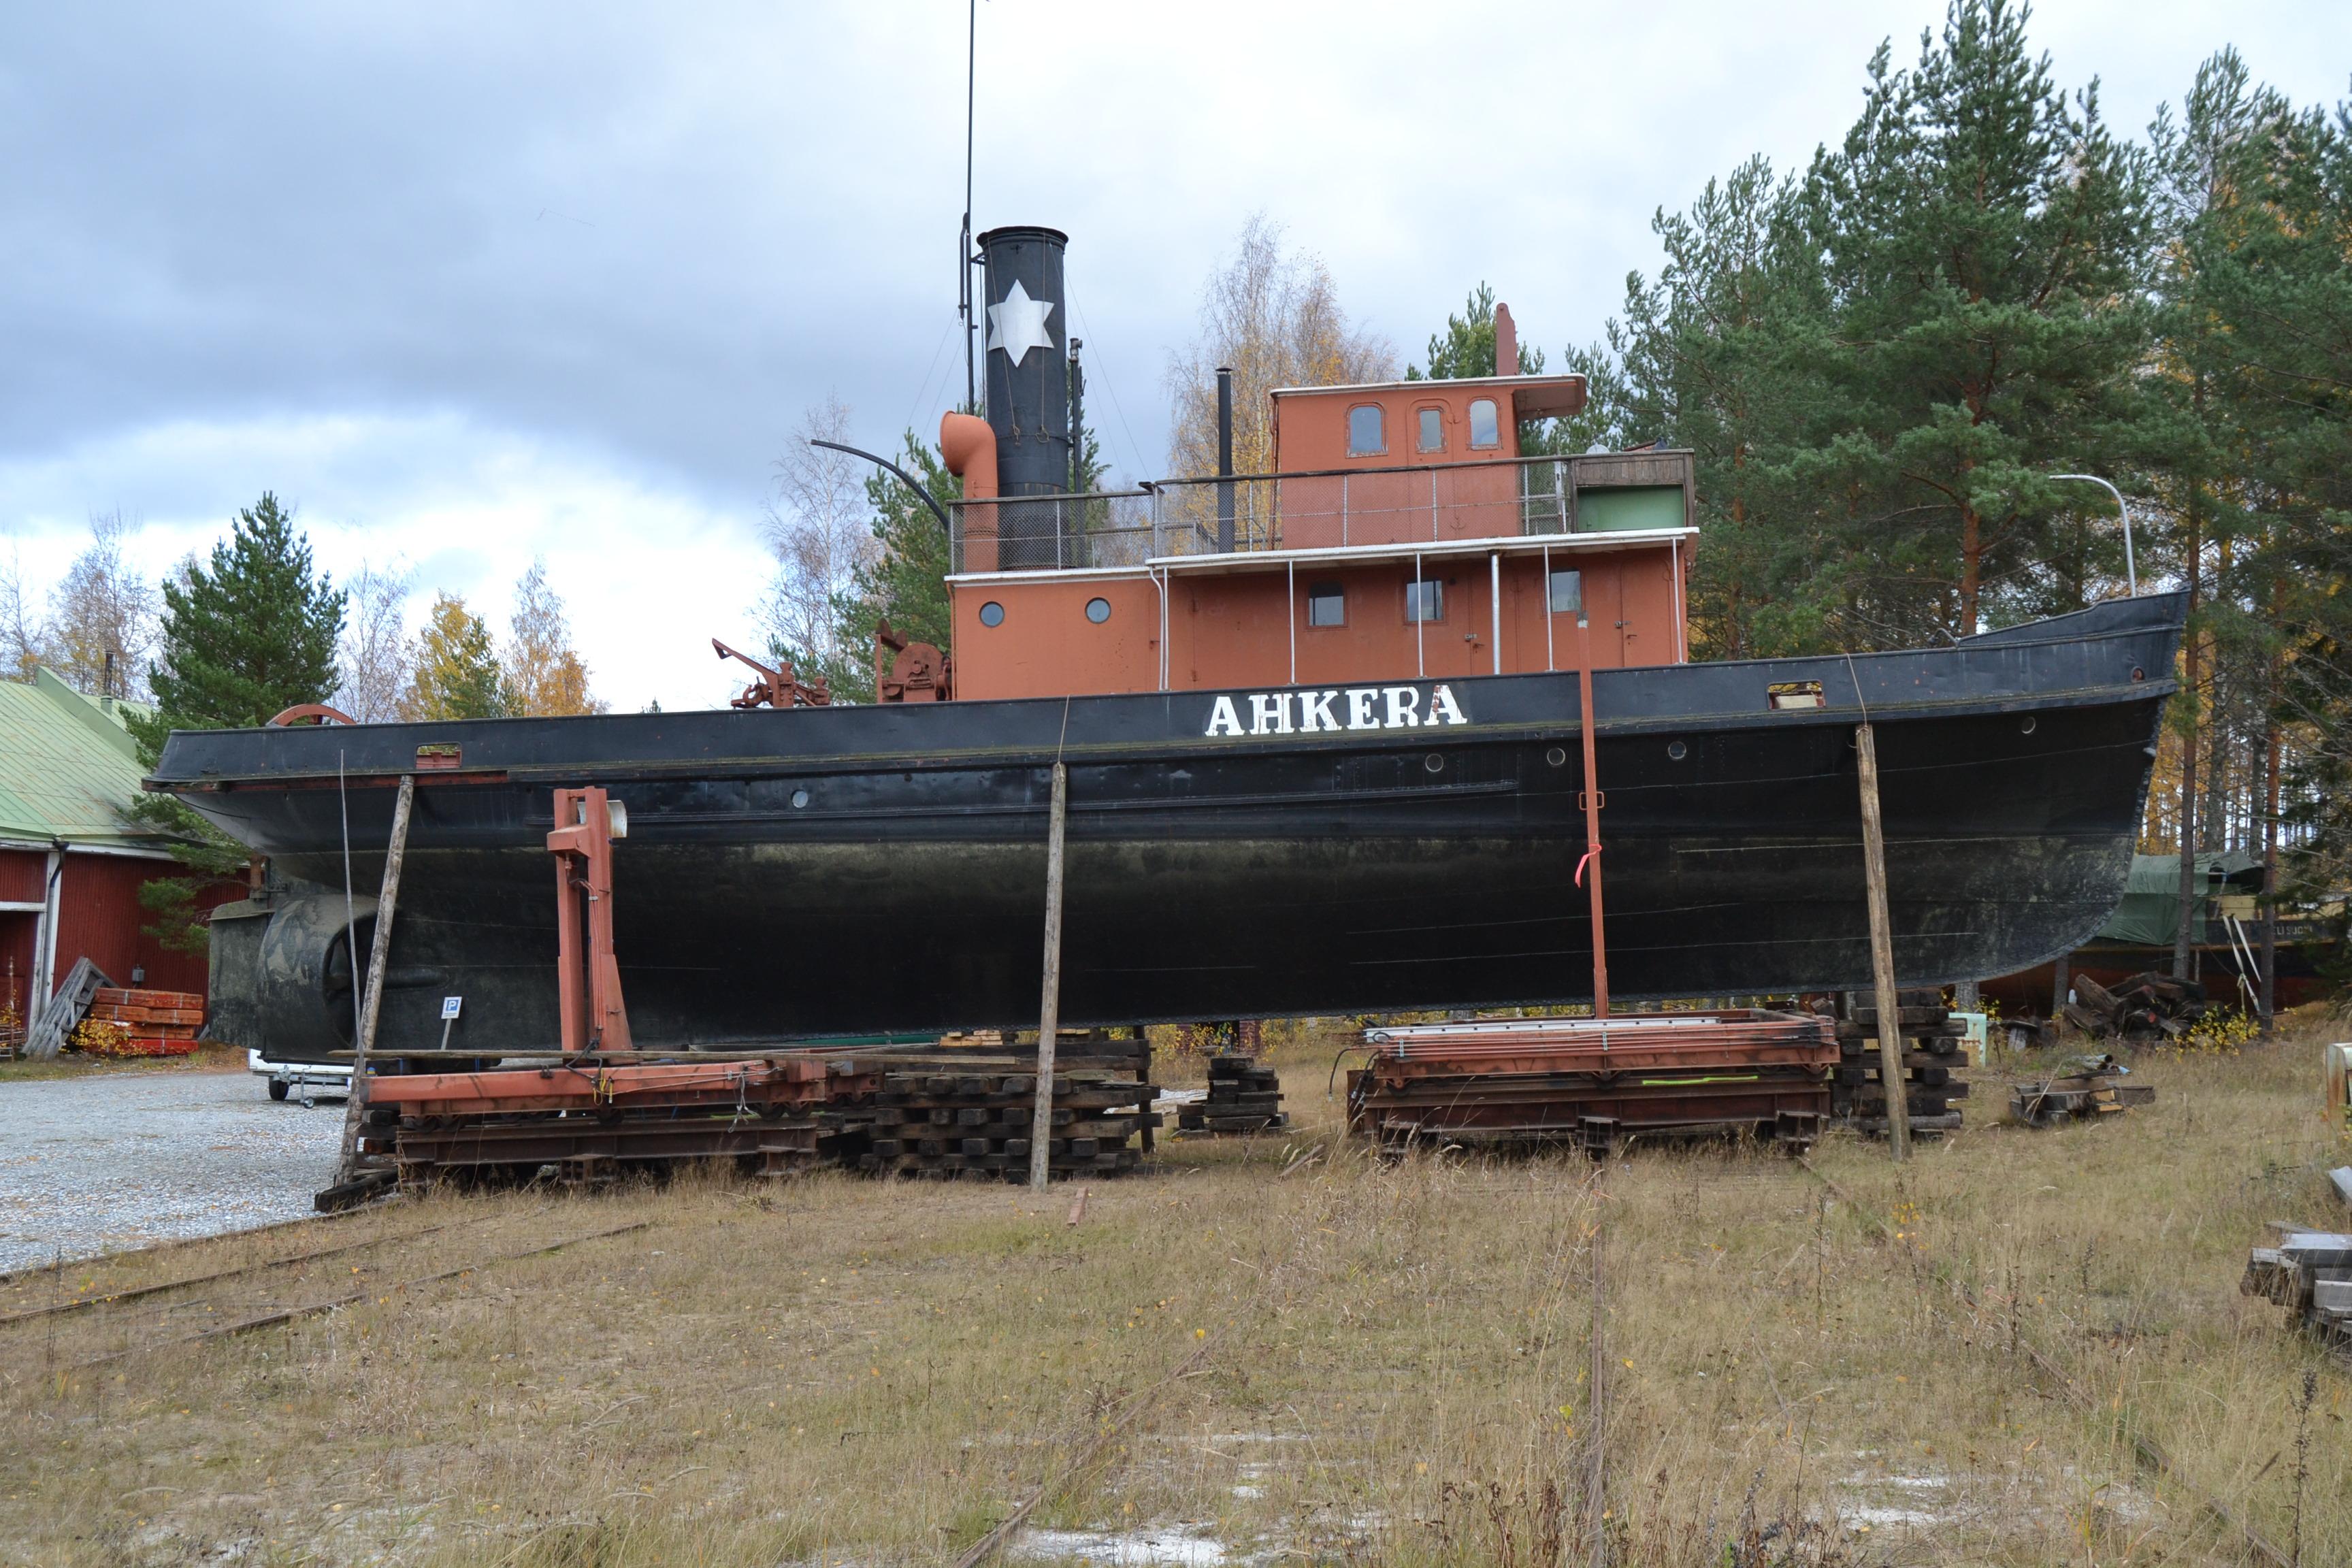 S/S Ahkera